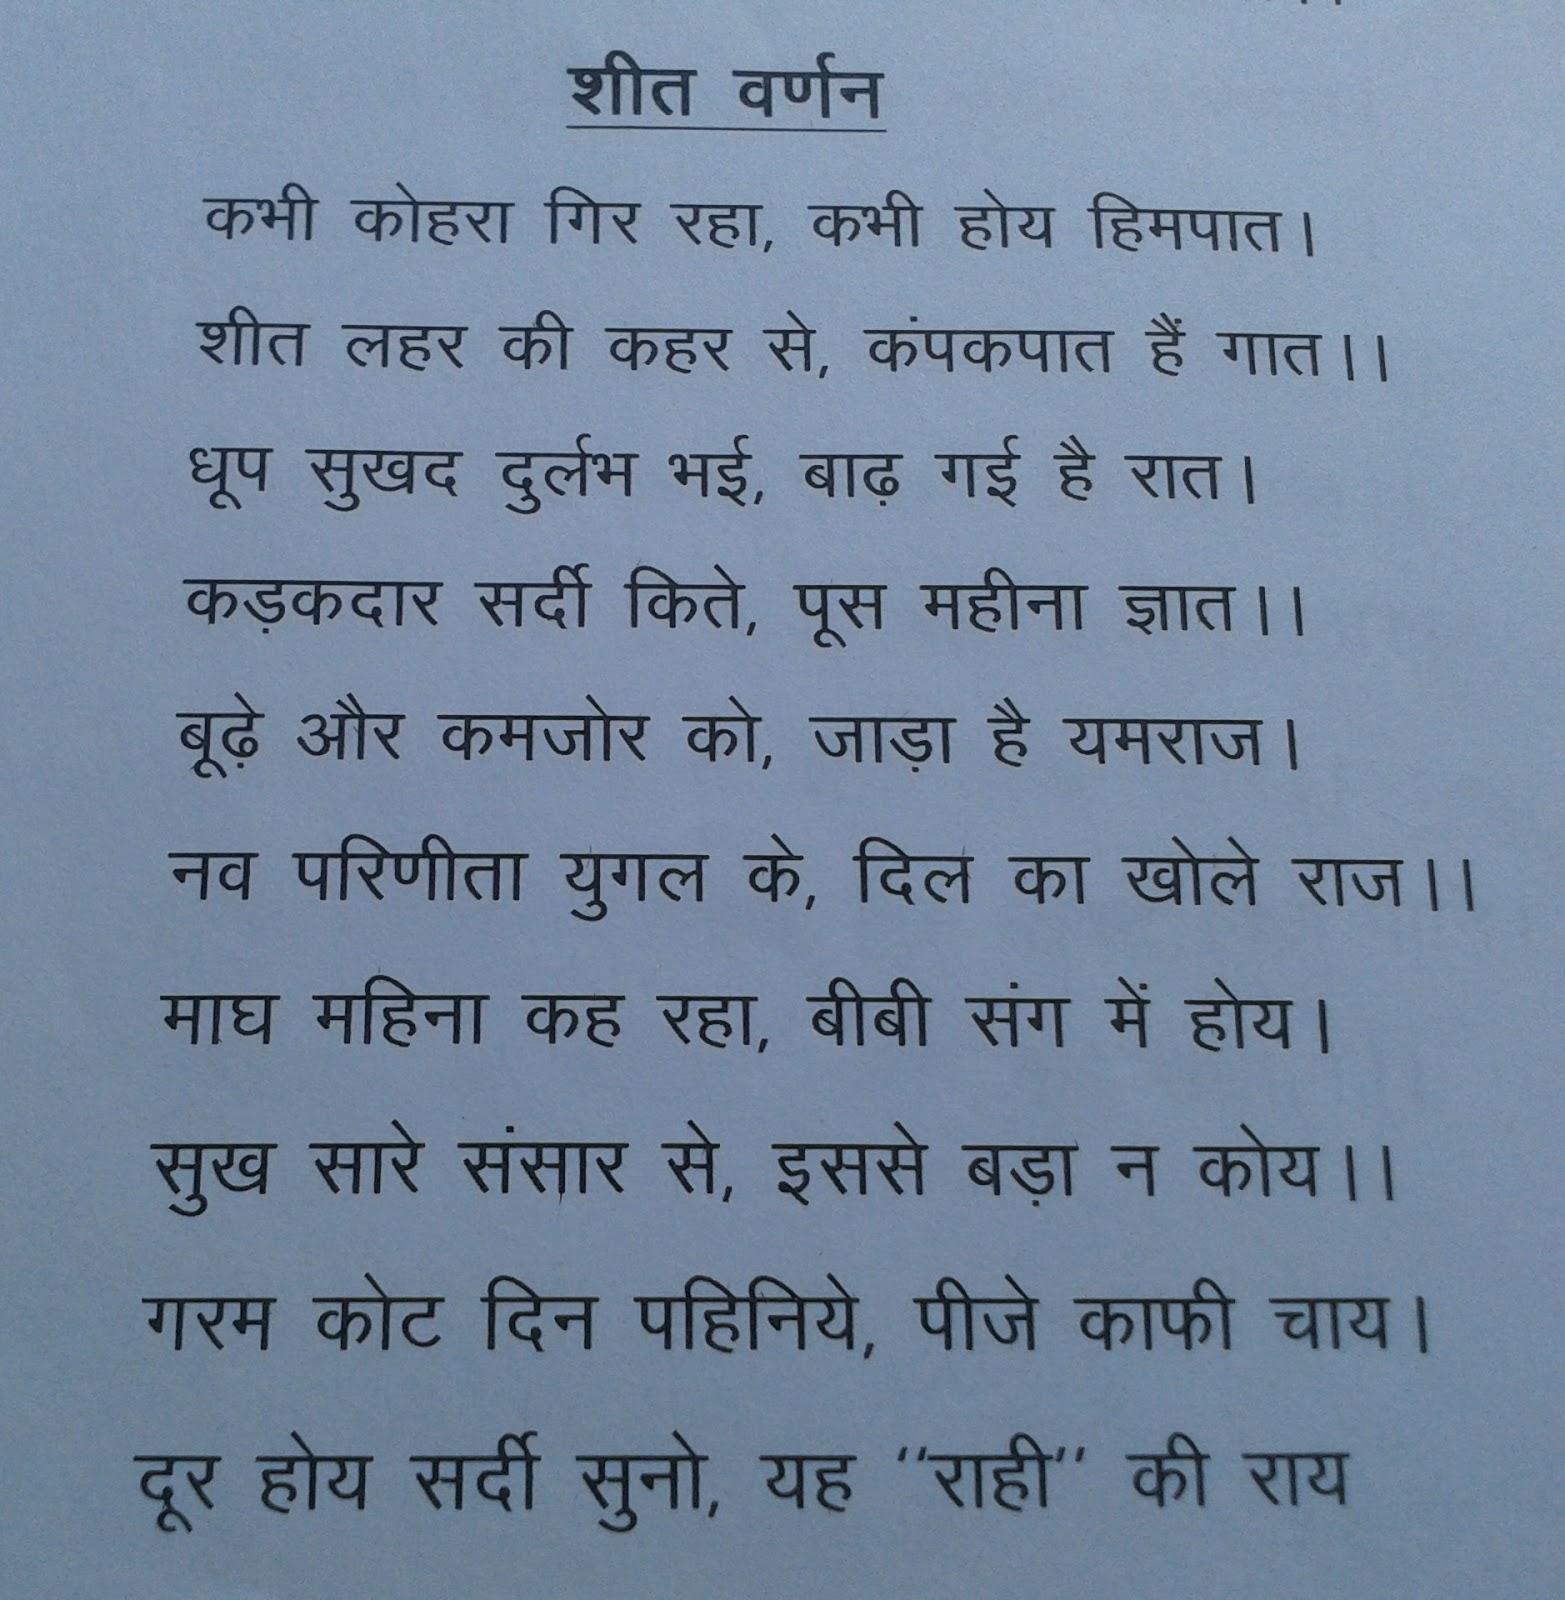 gramya jeevan in hindi Jeevan ki story in hindi, एक था दुर्ग | वह दुर्ग अति विशाल था, चोरासी लाख उसके द्वार थे और एक अतिरिक्त, prernadayak hindi story, जीवन की खोज हिंदी स्टोरी,.